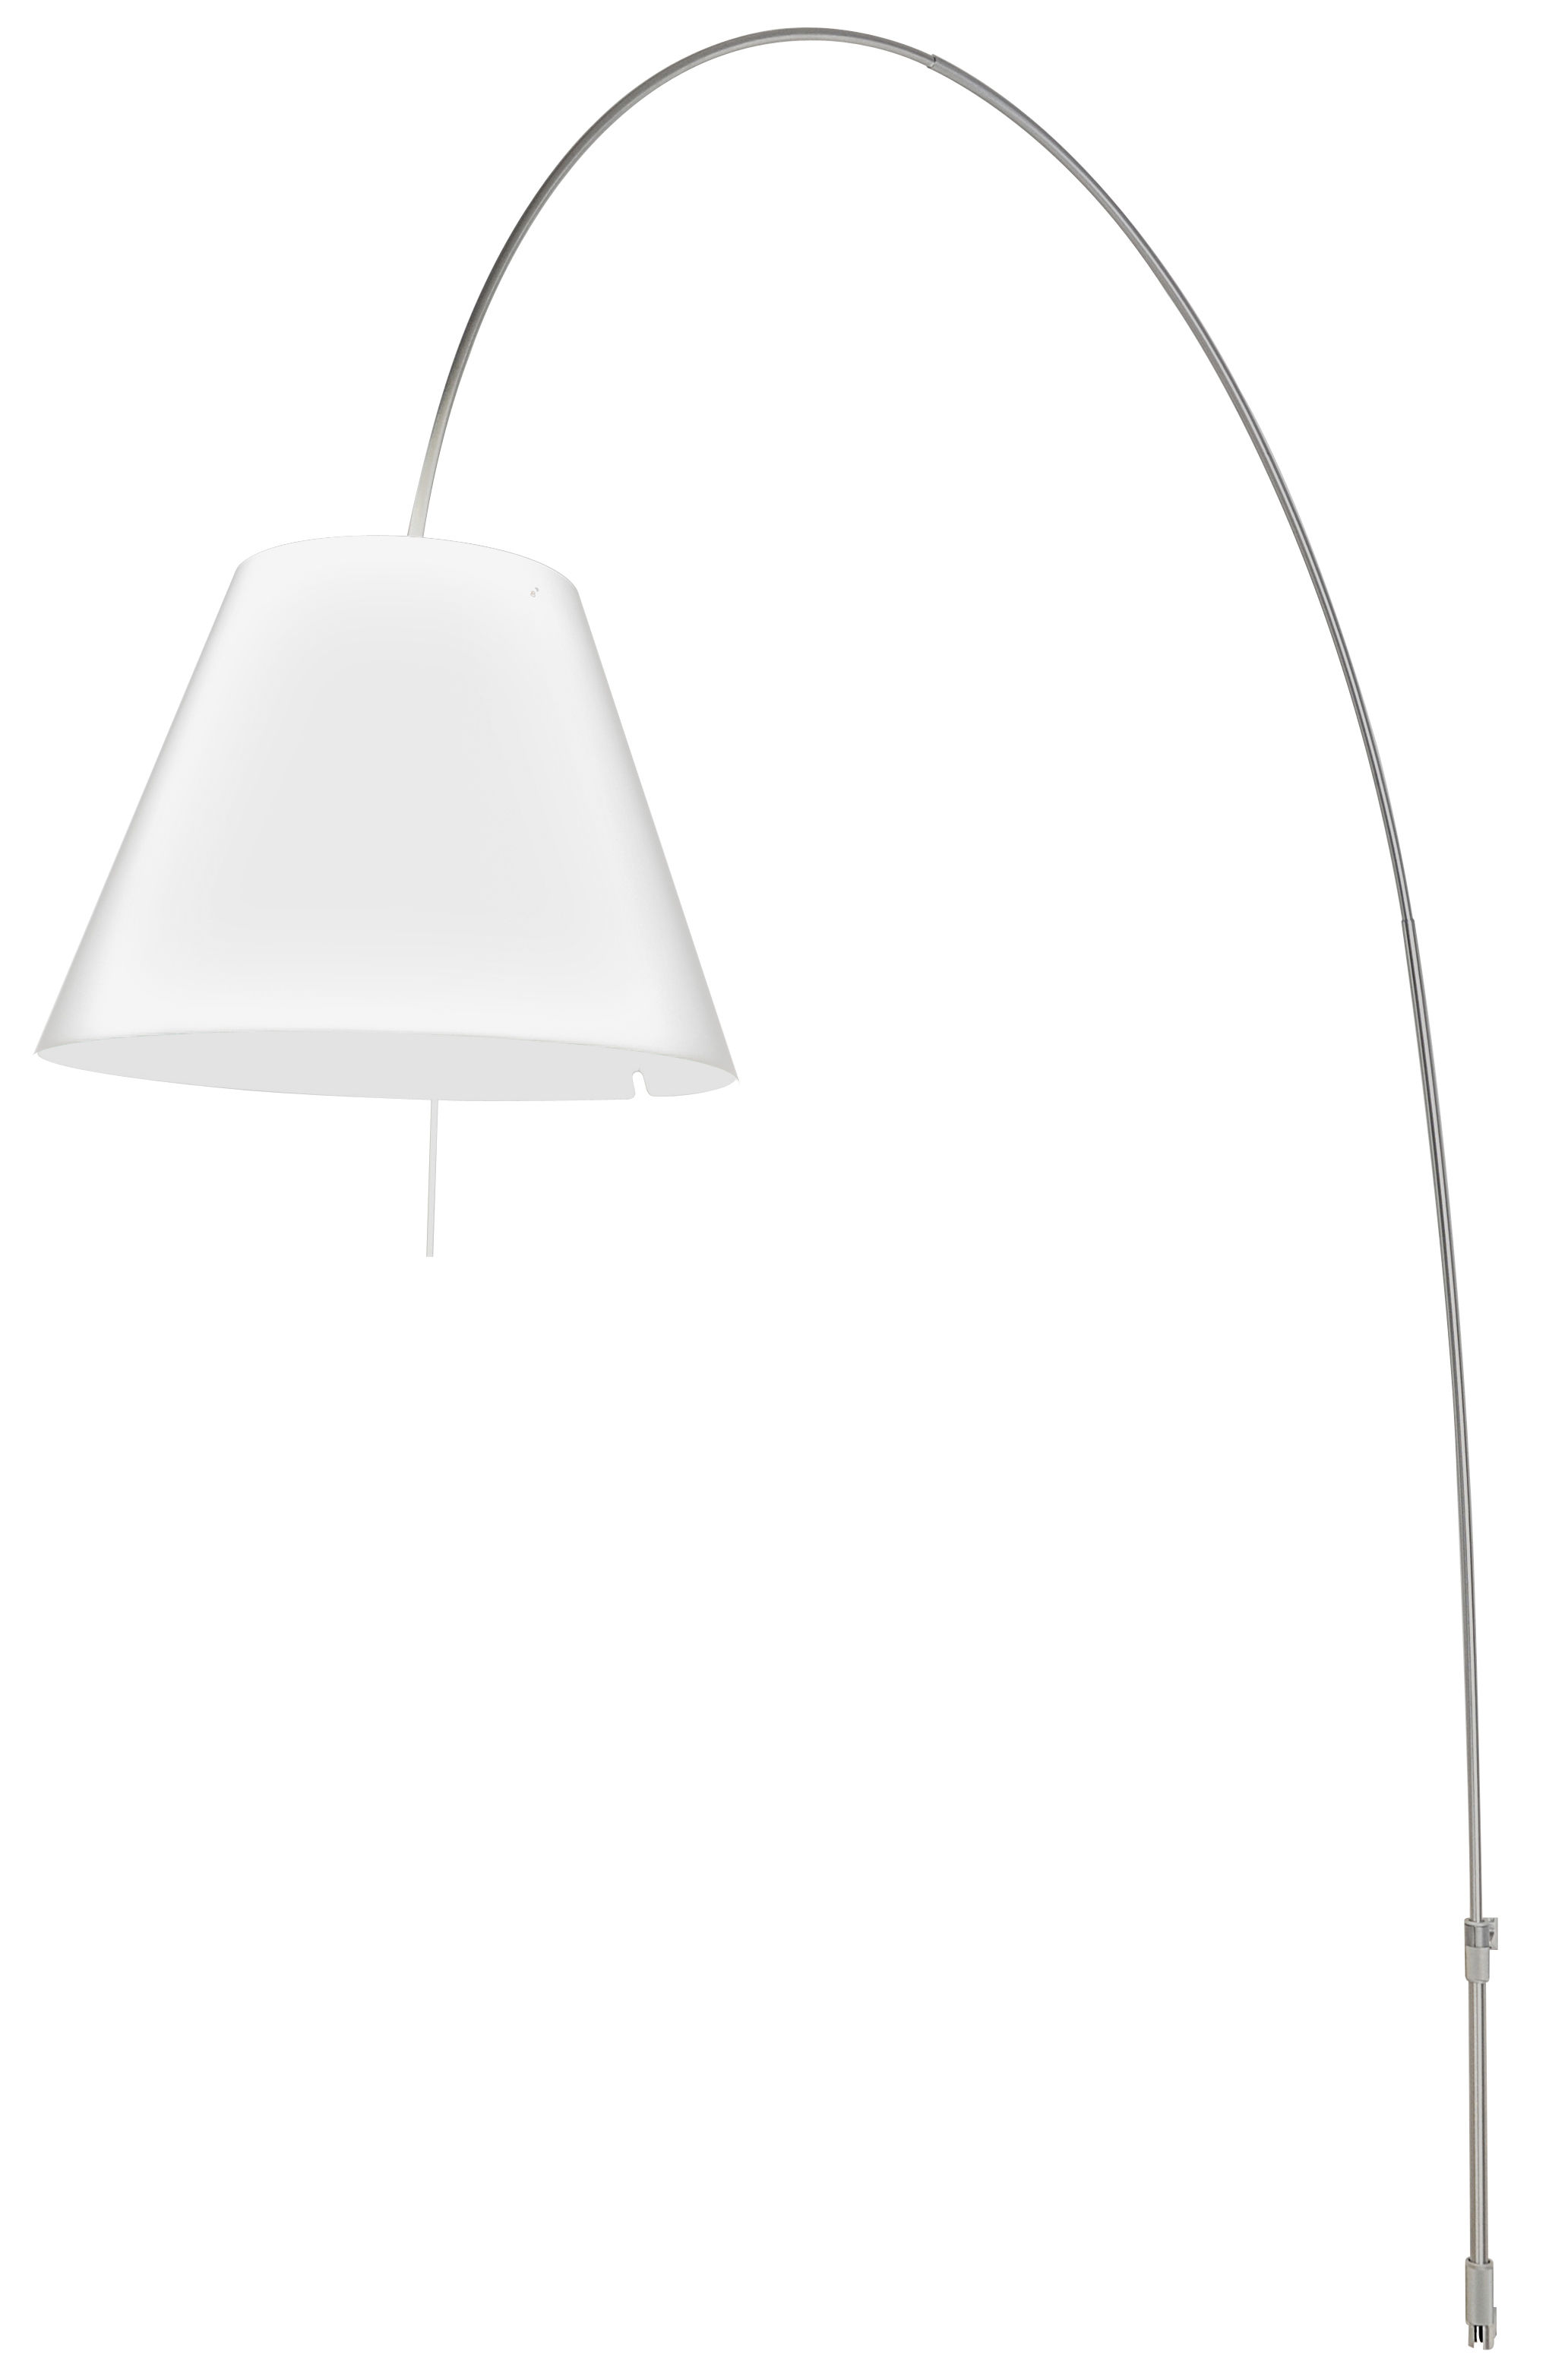 Luminaire - Lampadaires - Applique avec prise Lady Costanza / Fixation murale - Luceplan - Abat-jour blanc / Aluminium - Aluminium, Polycarbonate